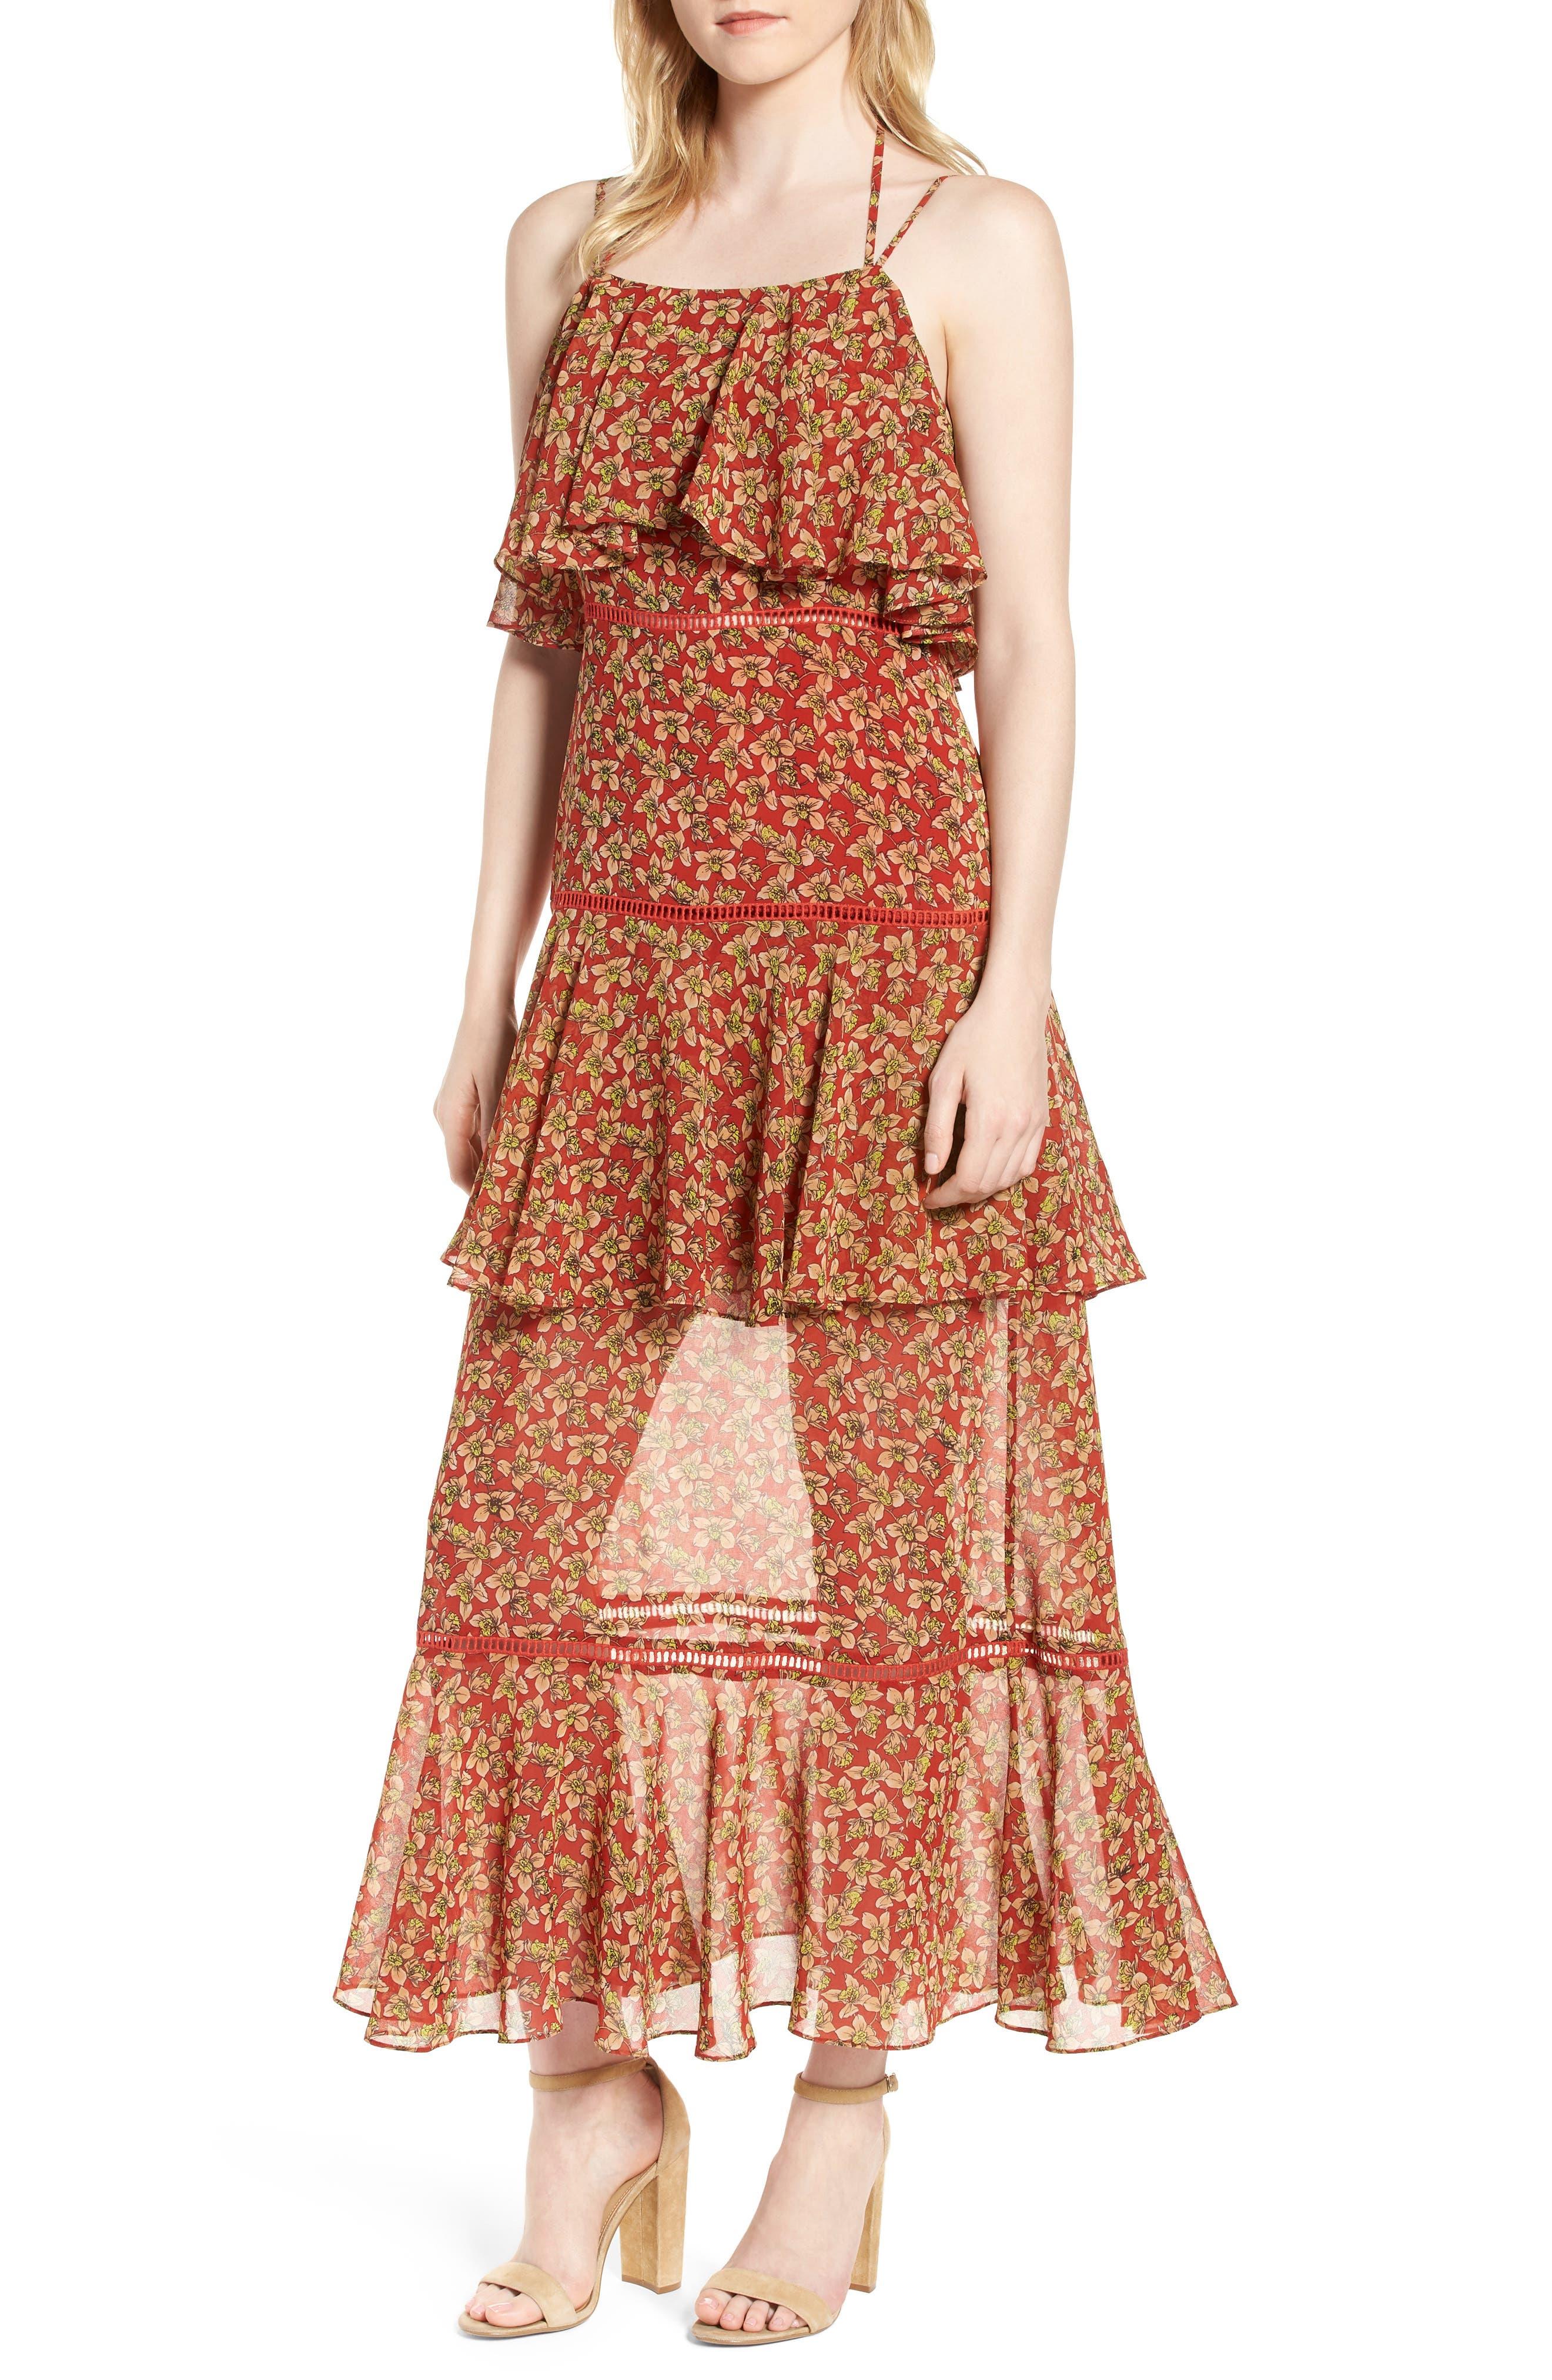 Rebecca Minkoff Clarissa Floral Tiered Maxi Dress